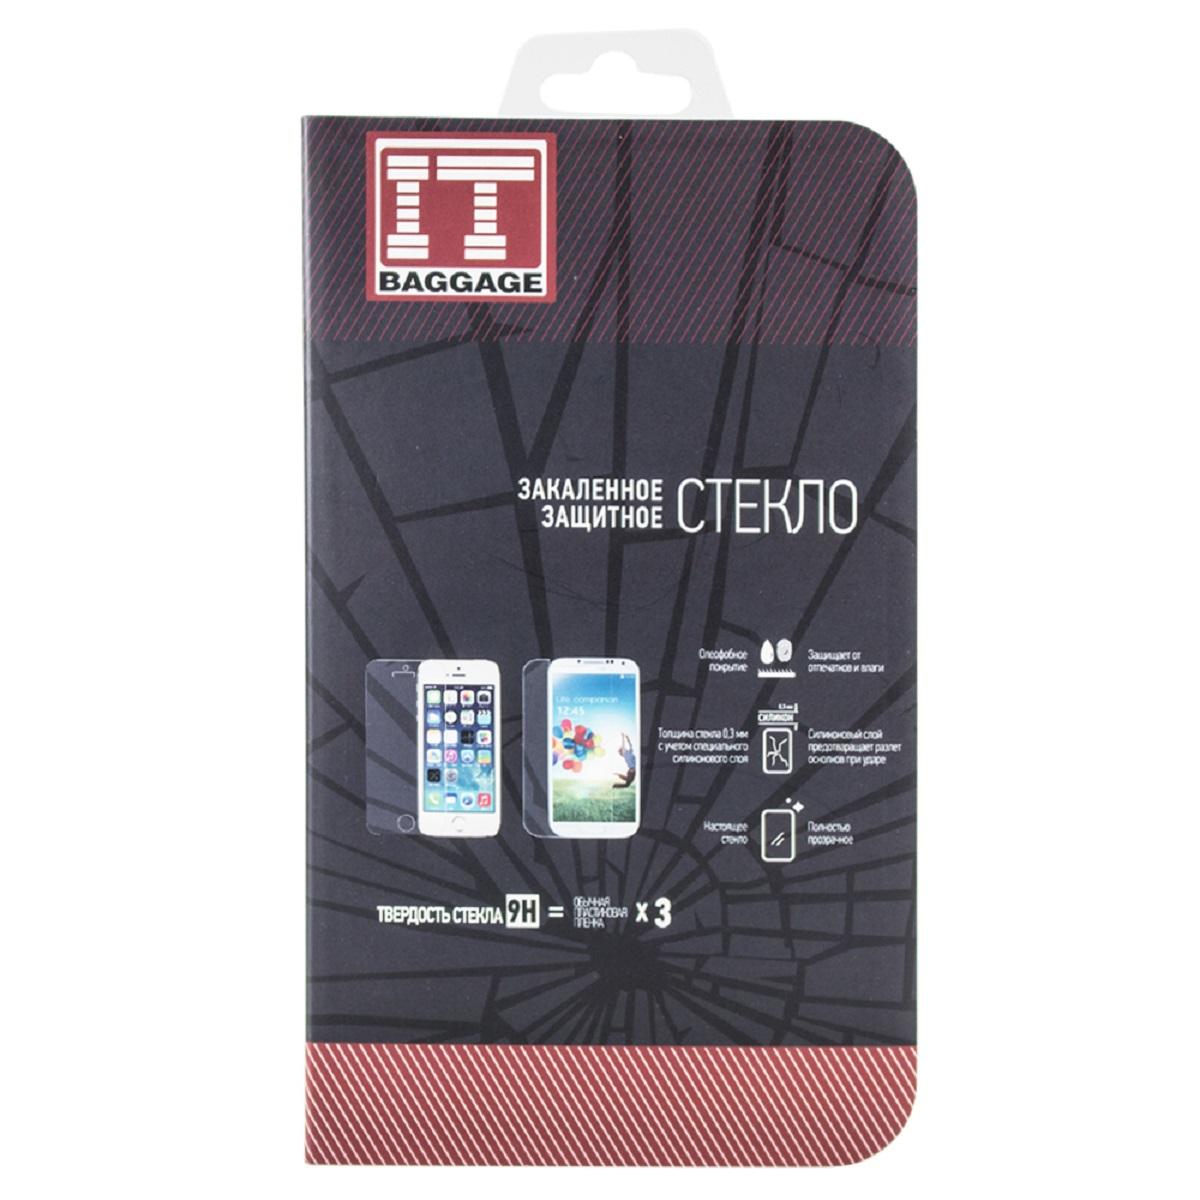 IT Baggage защитное стекло для Meizu M2 miniITMZM2MIGЗакаленное стекло IT Baggage для Meizu M2 mini - это самый верный способ защитить экран от повреждений и загрязнений. Обладает высочайшим уровнем прозрачности и совершенно не влияет на отклик экранного сенсора и качество изображения. Препятствует появлению отпечатков и пятен. Удалить следы жира и косметики с поверхности аксессуара не составить ни какого труда.Характеристики защитного стекла делают его износостойким к таким механическим повреждениям, как царапины, сколы, потертости. При сильном ударе разбившееся стекло не разлетается на осколки, предохраняя вас от порезов, а экран устройства от повреждений.После снятия защитного стекла с поверхности дисплея, на нем не остаются повреждения, такие как потертости и царапины.